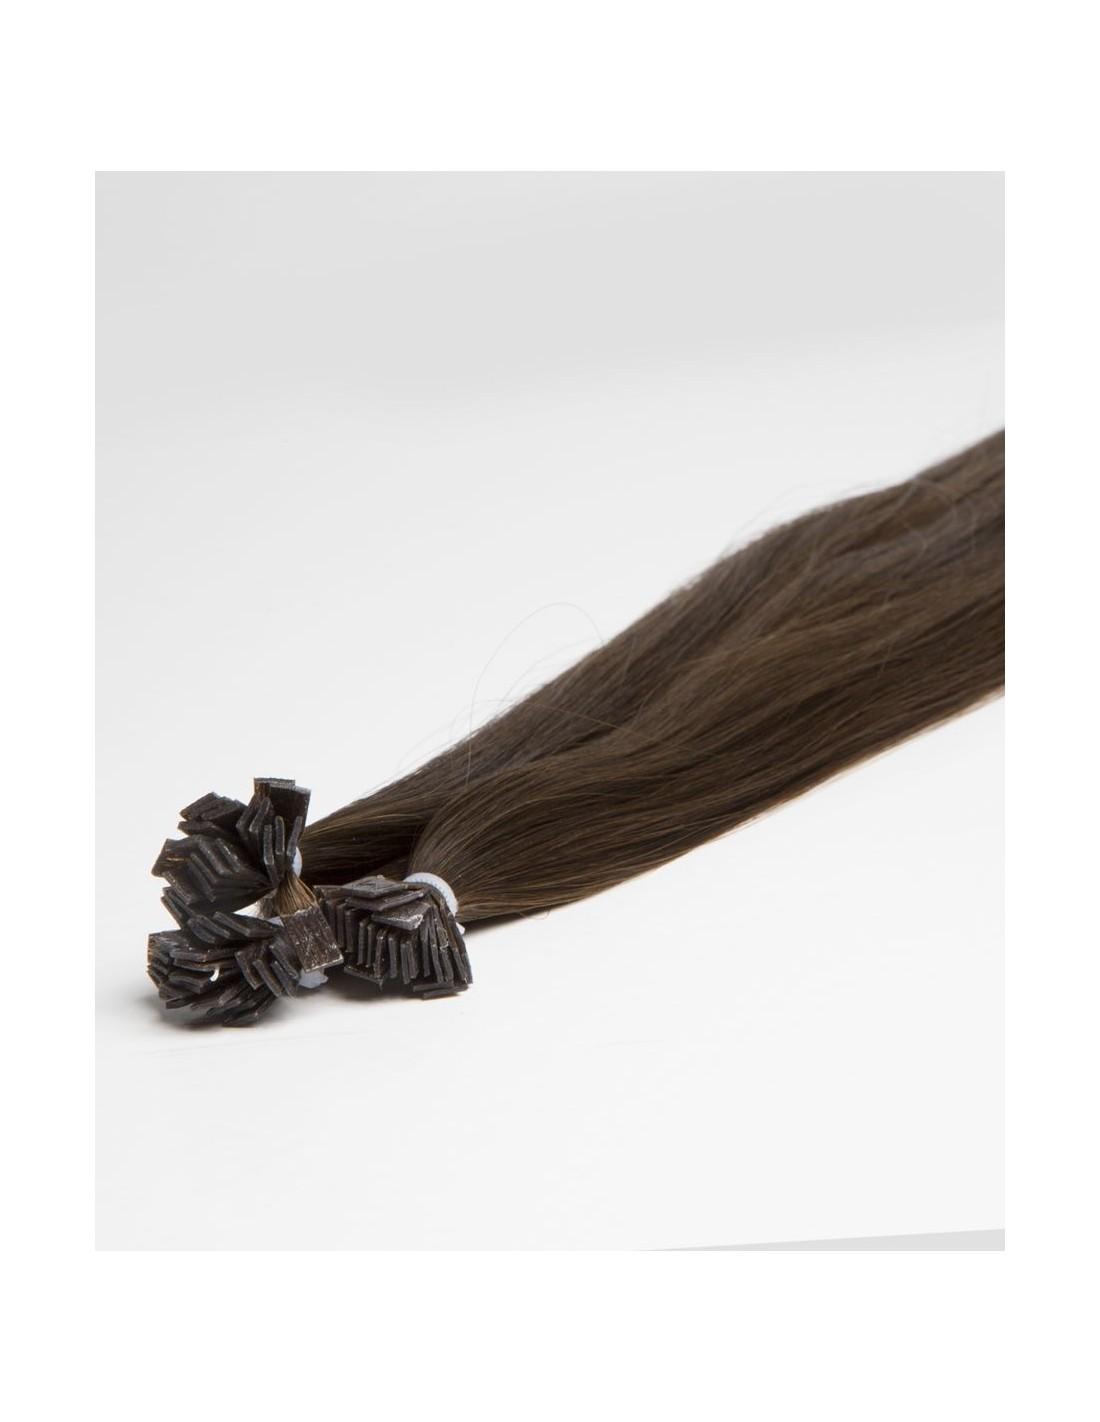 extension chaud cheveux naturels remy xxxl 1gr extens. Black Bedroom Furniture Sets. Home Design Ideas